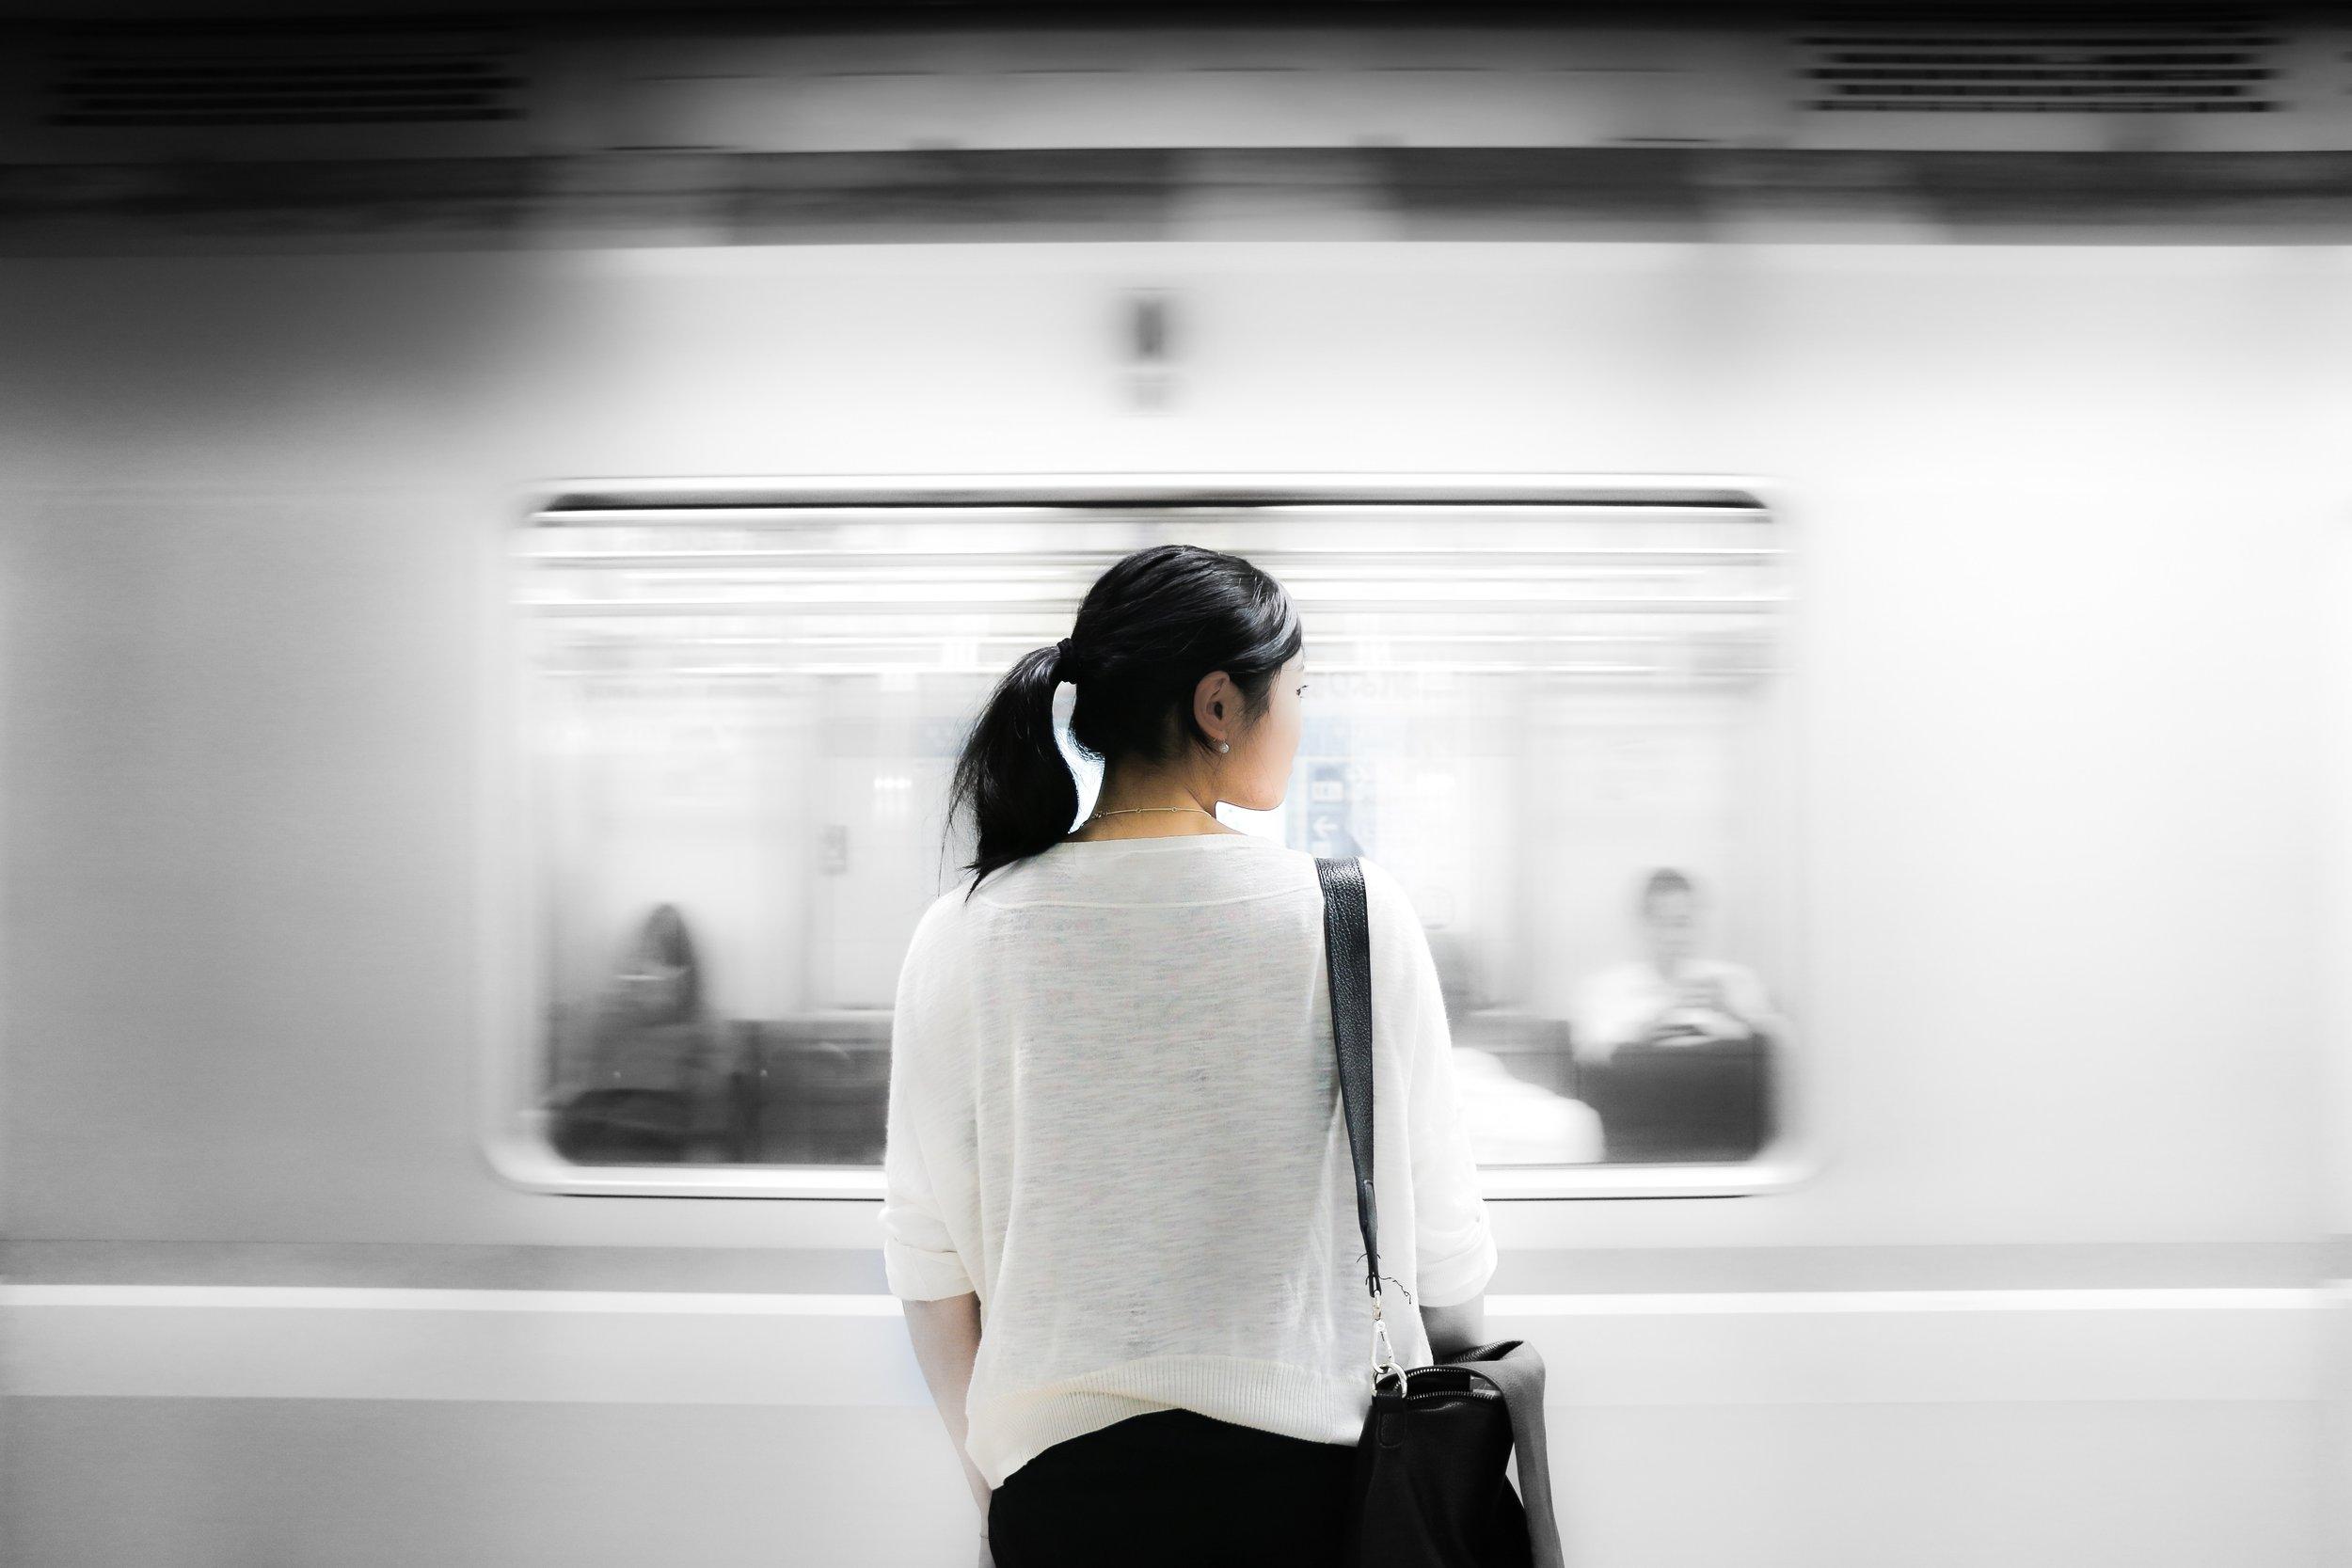 woman looking at moving train Shinjuku Tokyo Japan.jpg